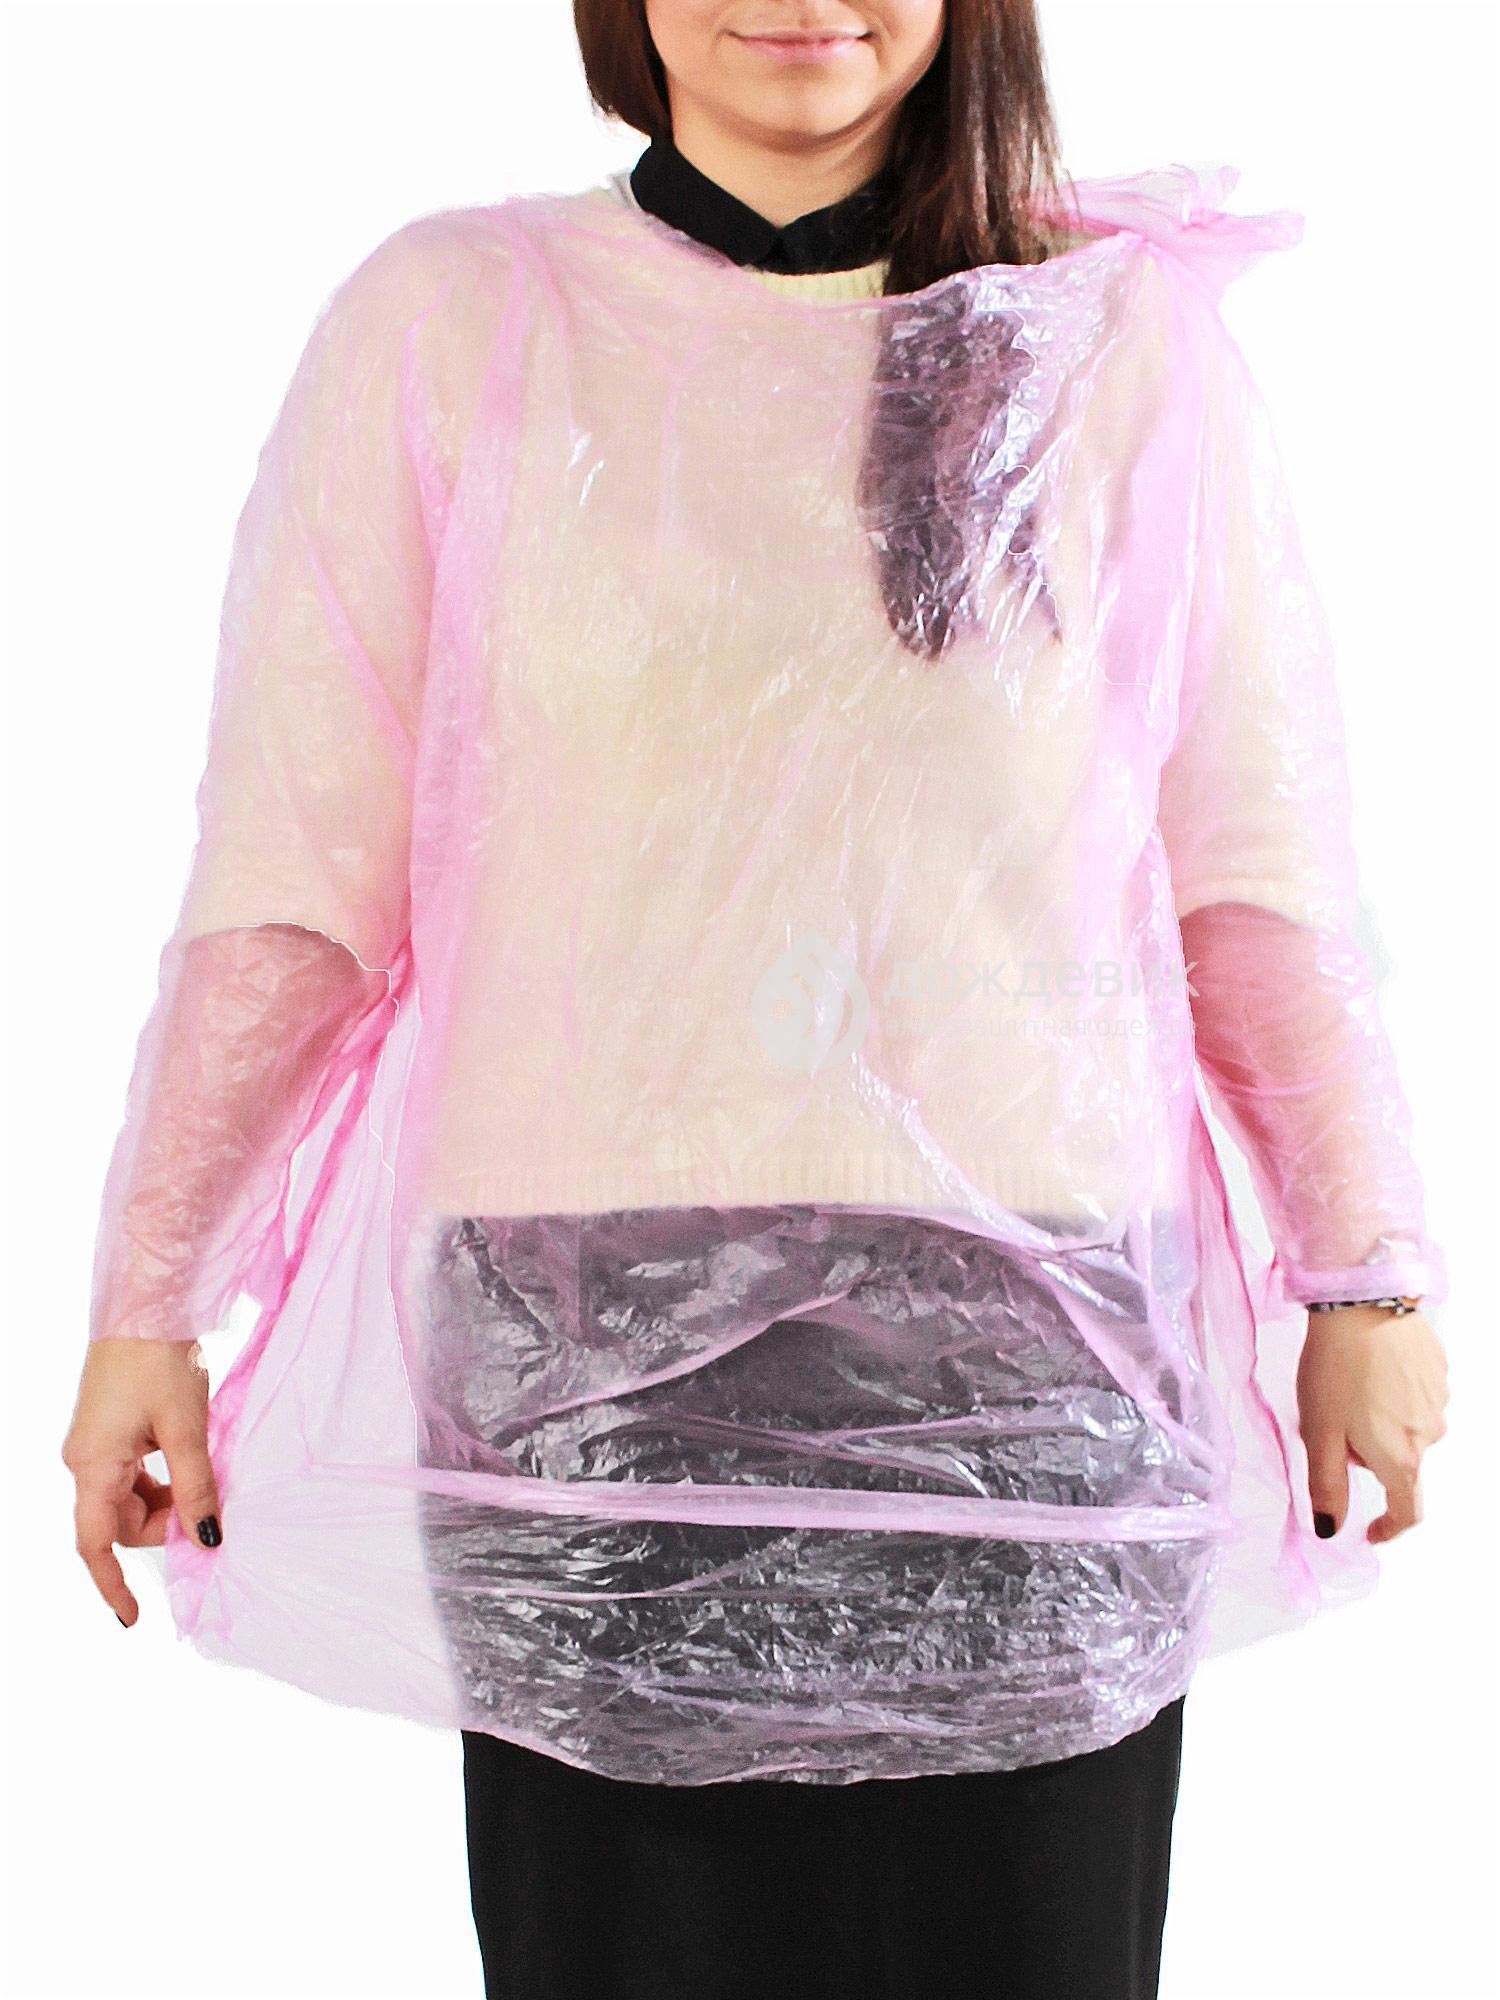 Плащ-дождевик розовый пончо оптом для мероприятий